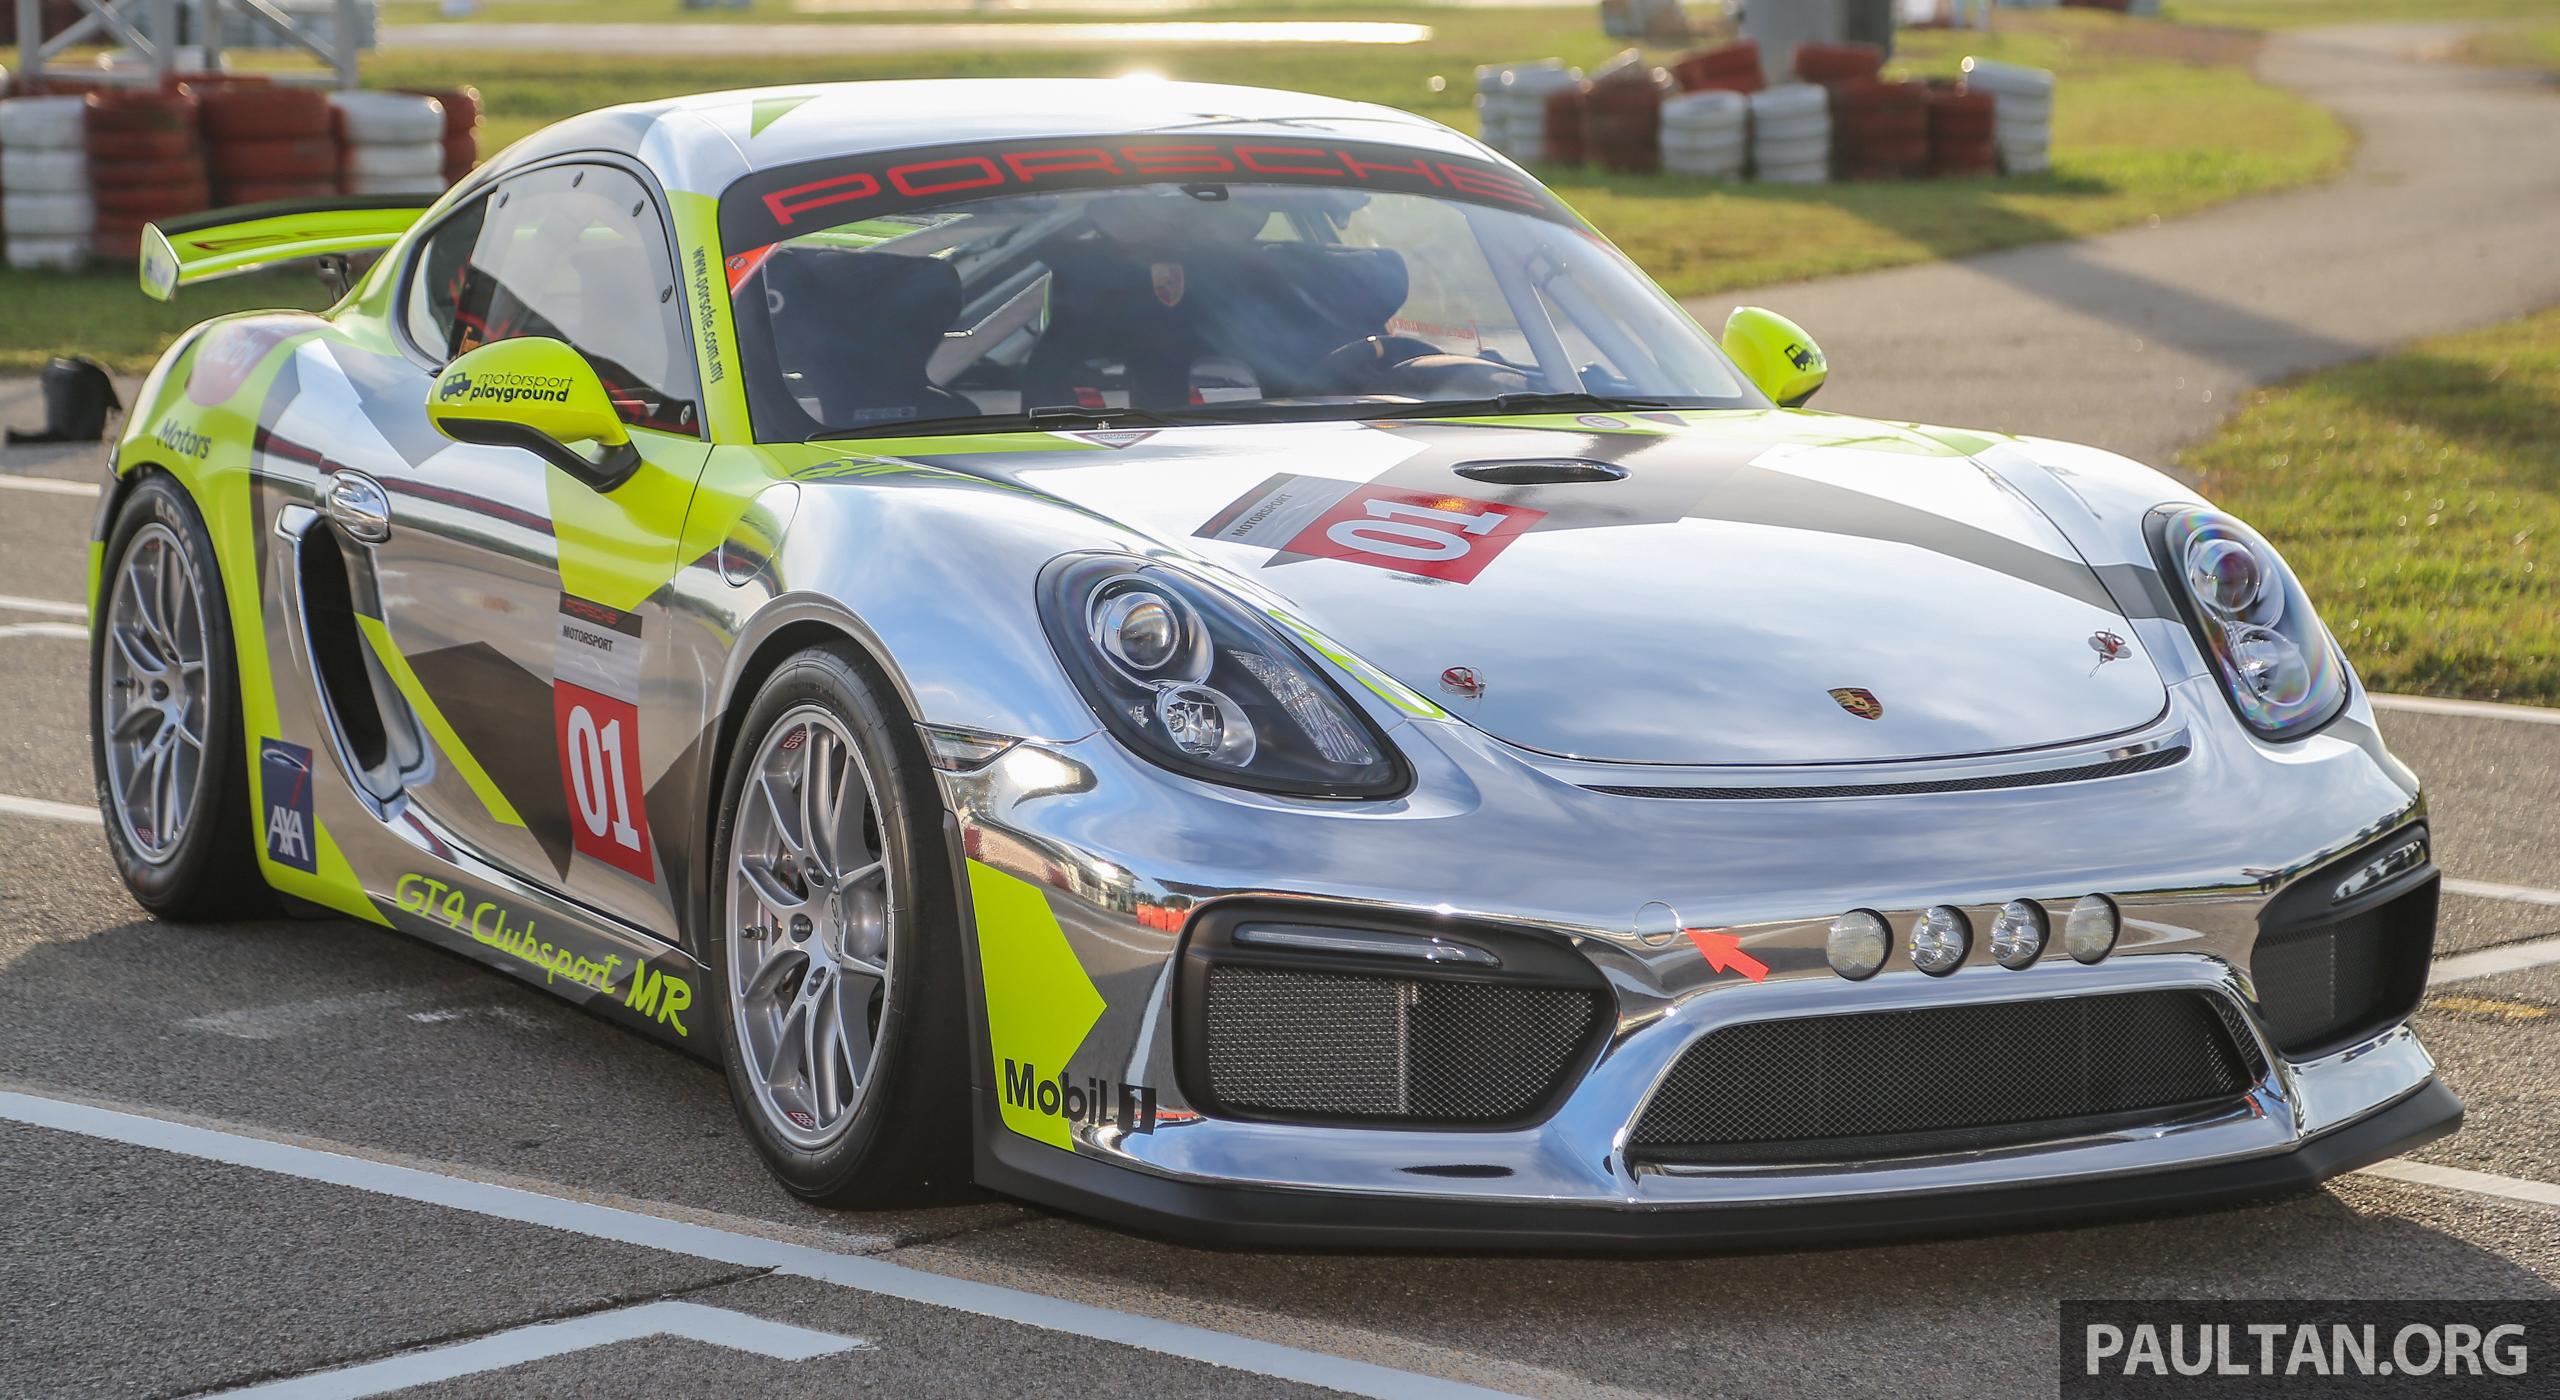 Gallery Sdap S Porsche Cayman Gt4 Clubsport